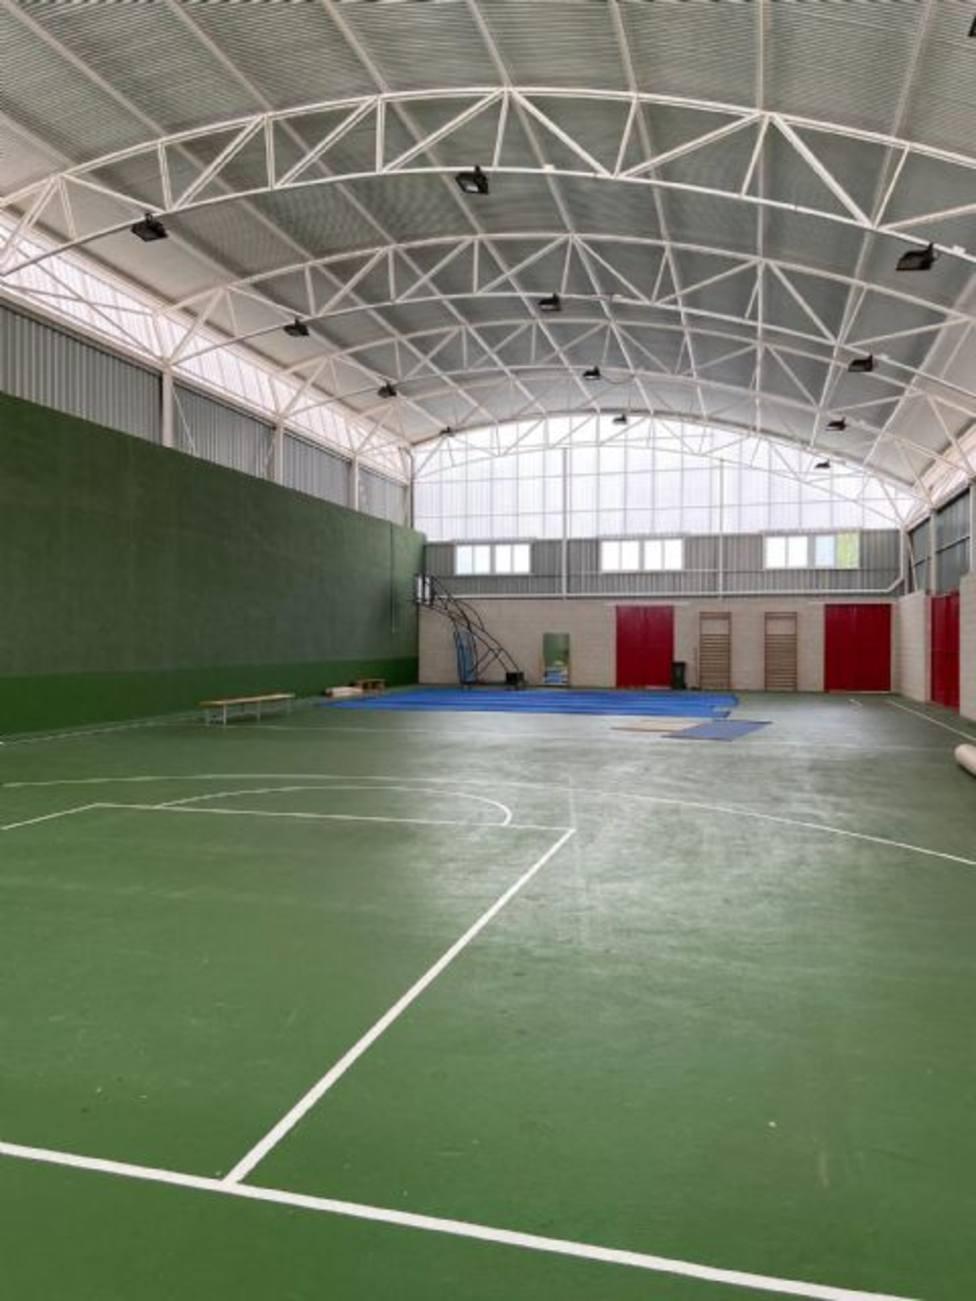 El alumnado de FP de Águilas podrá hacer uso de las instalaciones deportivas del Ayuntamiento